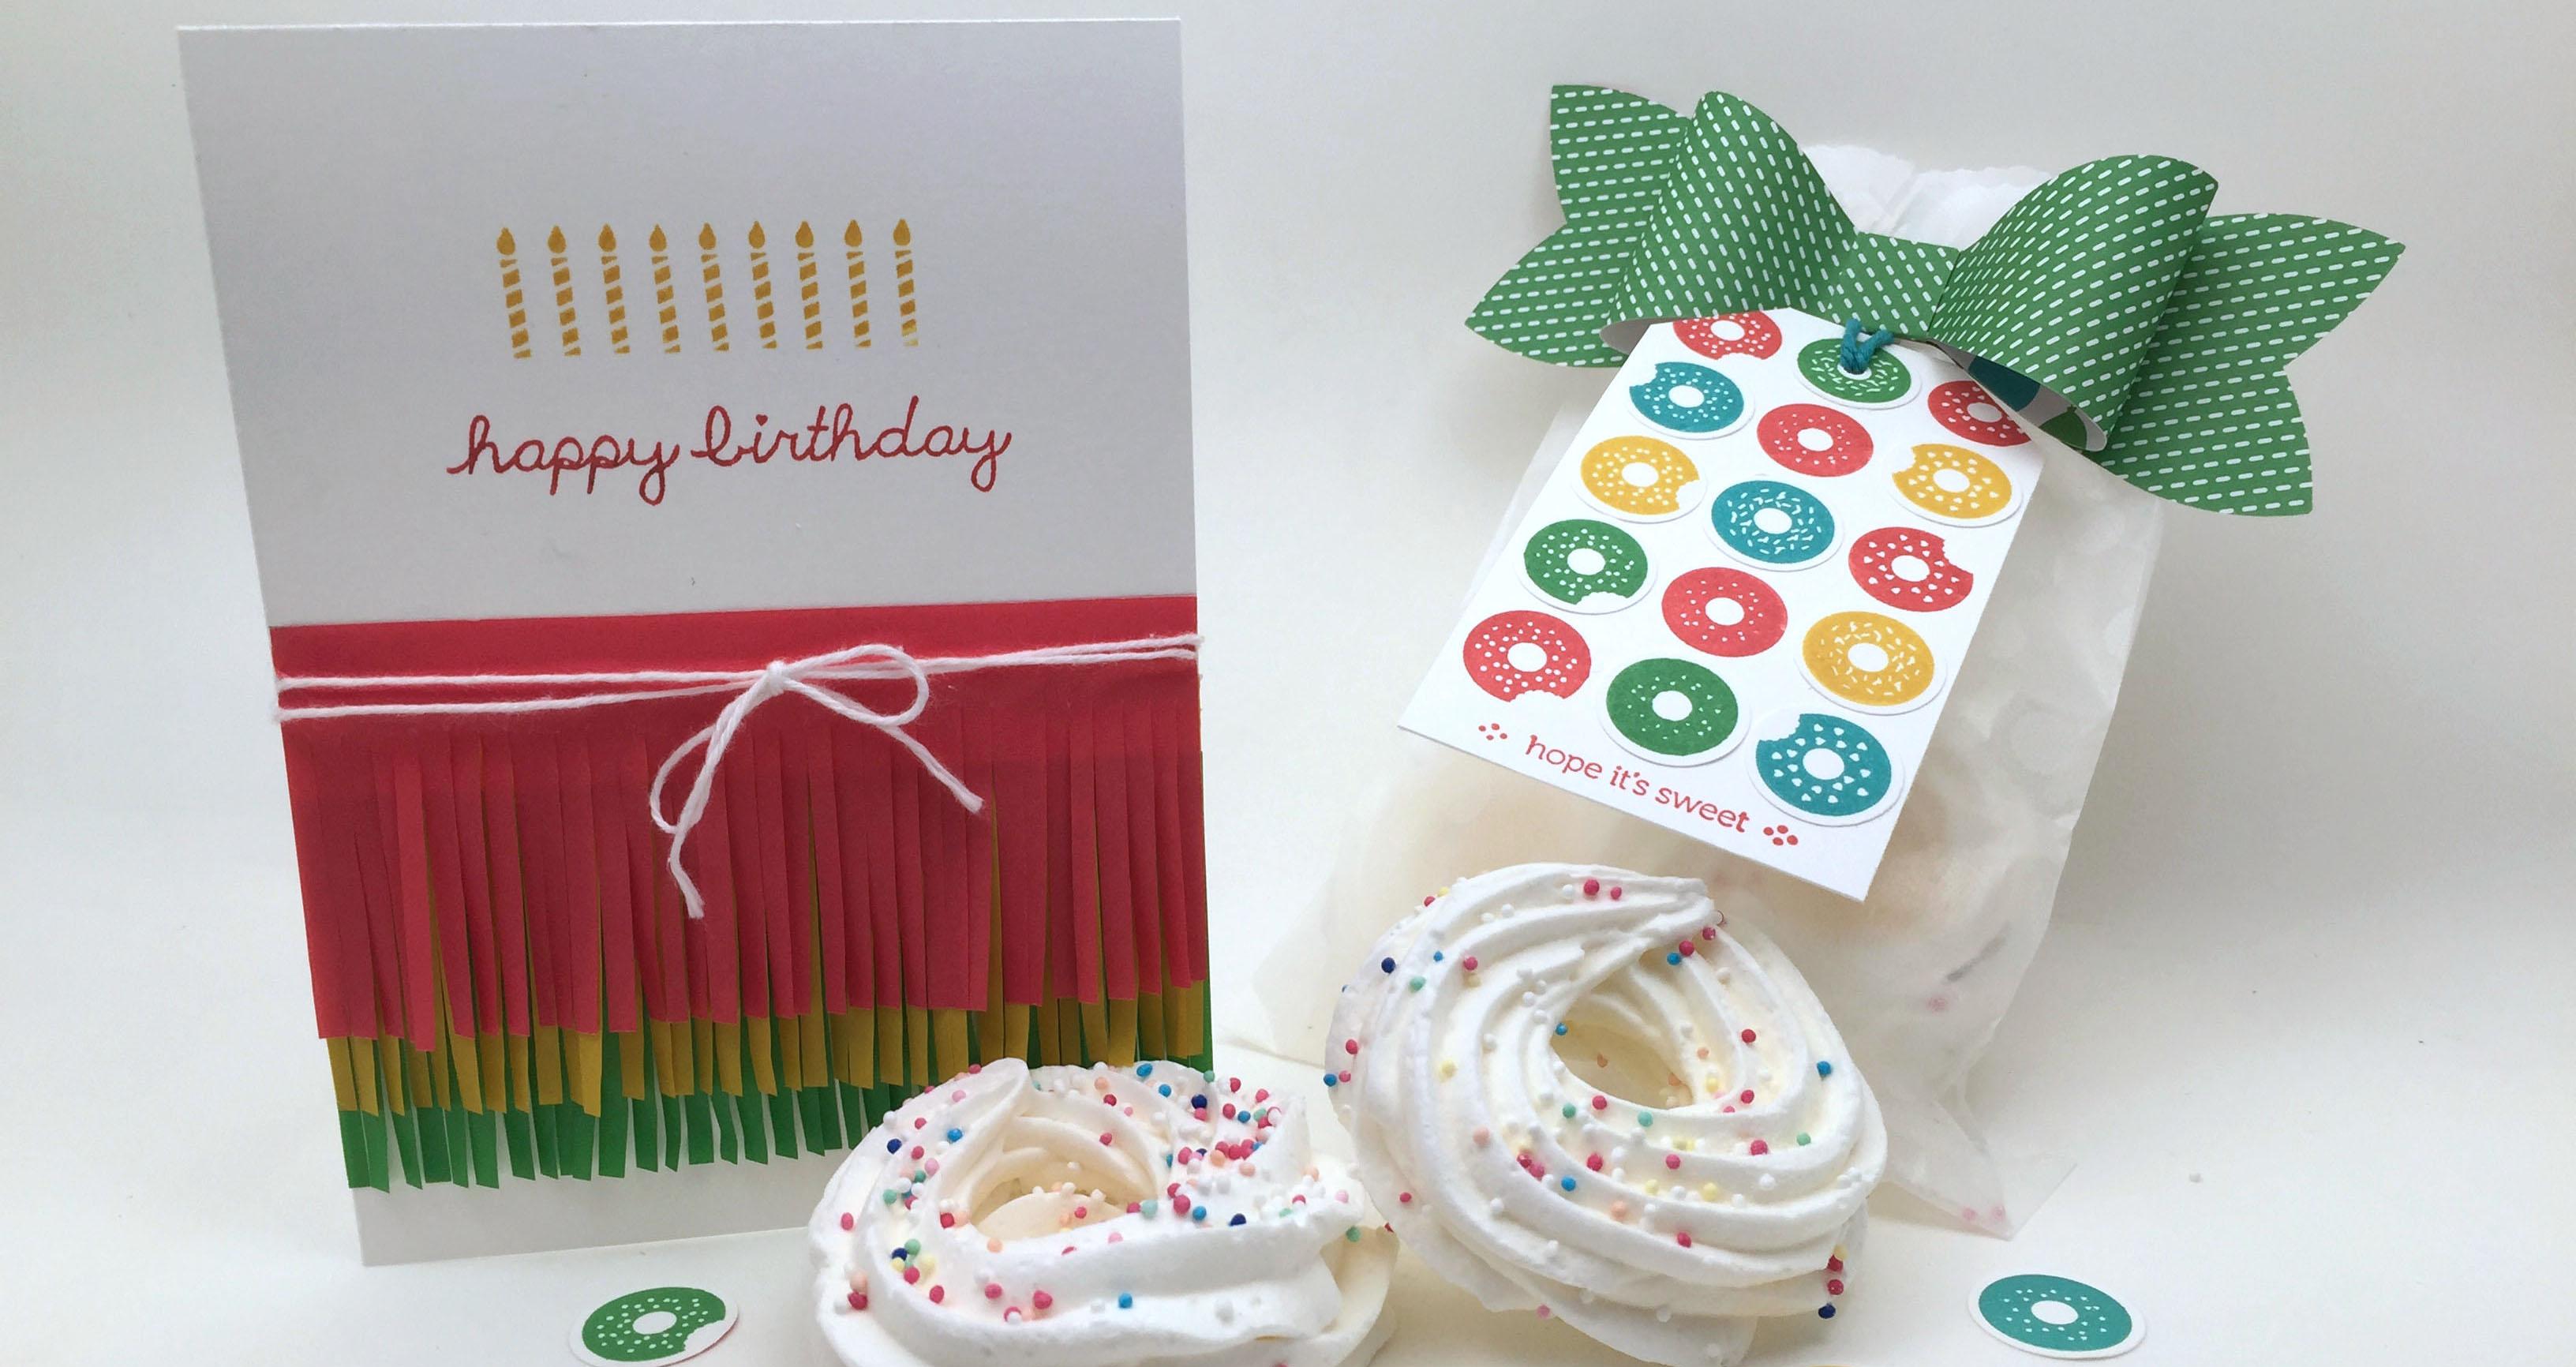 Stampin Up-Stempelherz-Geburtstag-Verpackung-Bag-Geburtstagskarte-Zeig es am Montag Geburtstagsset Sprinkles on Top Beitragsbild 01